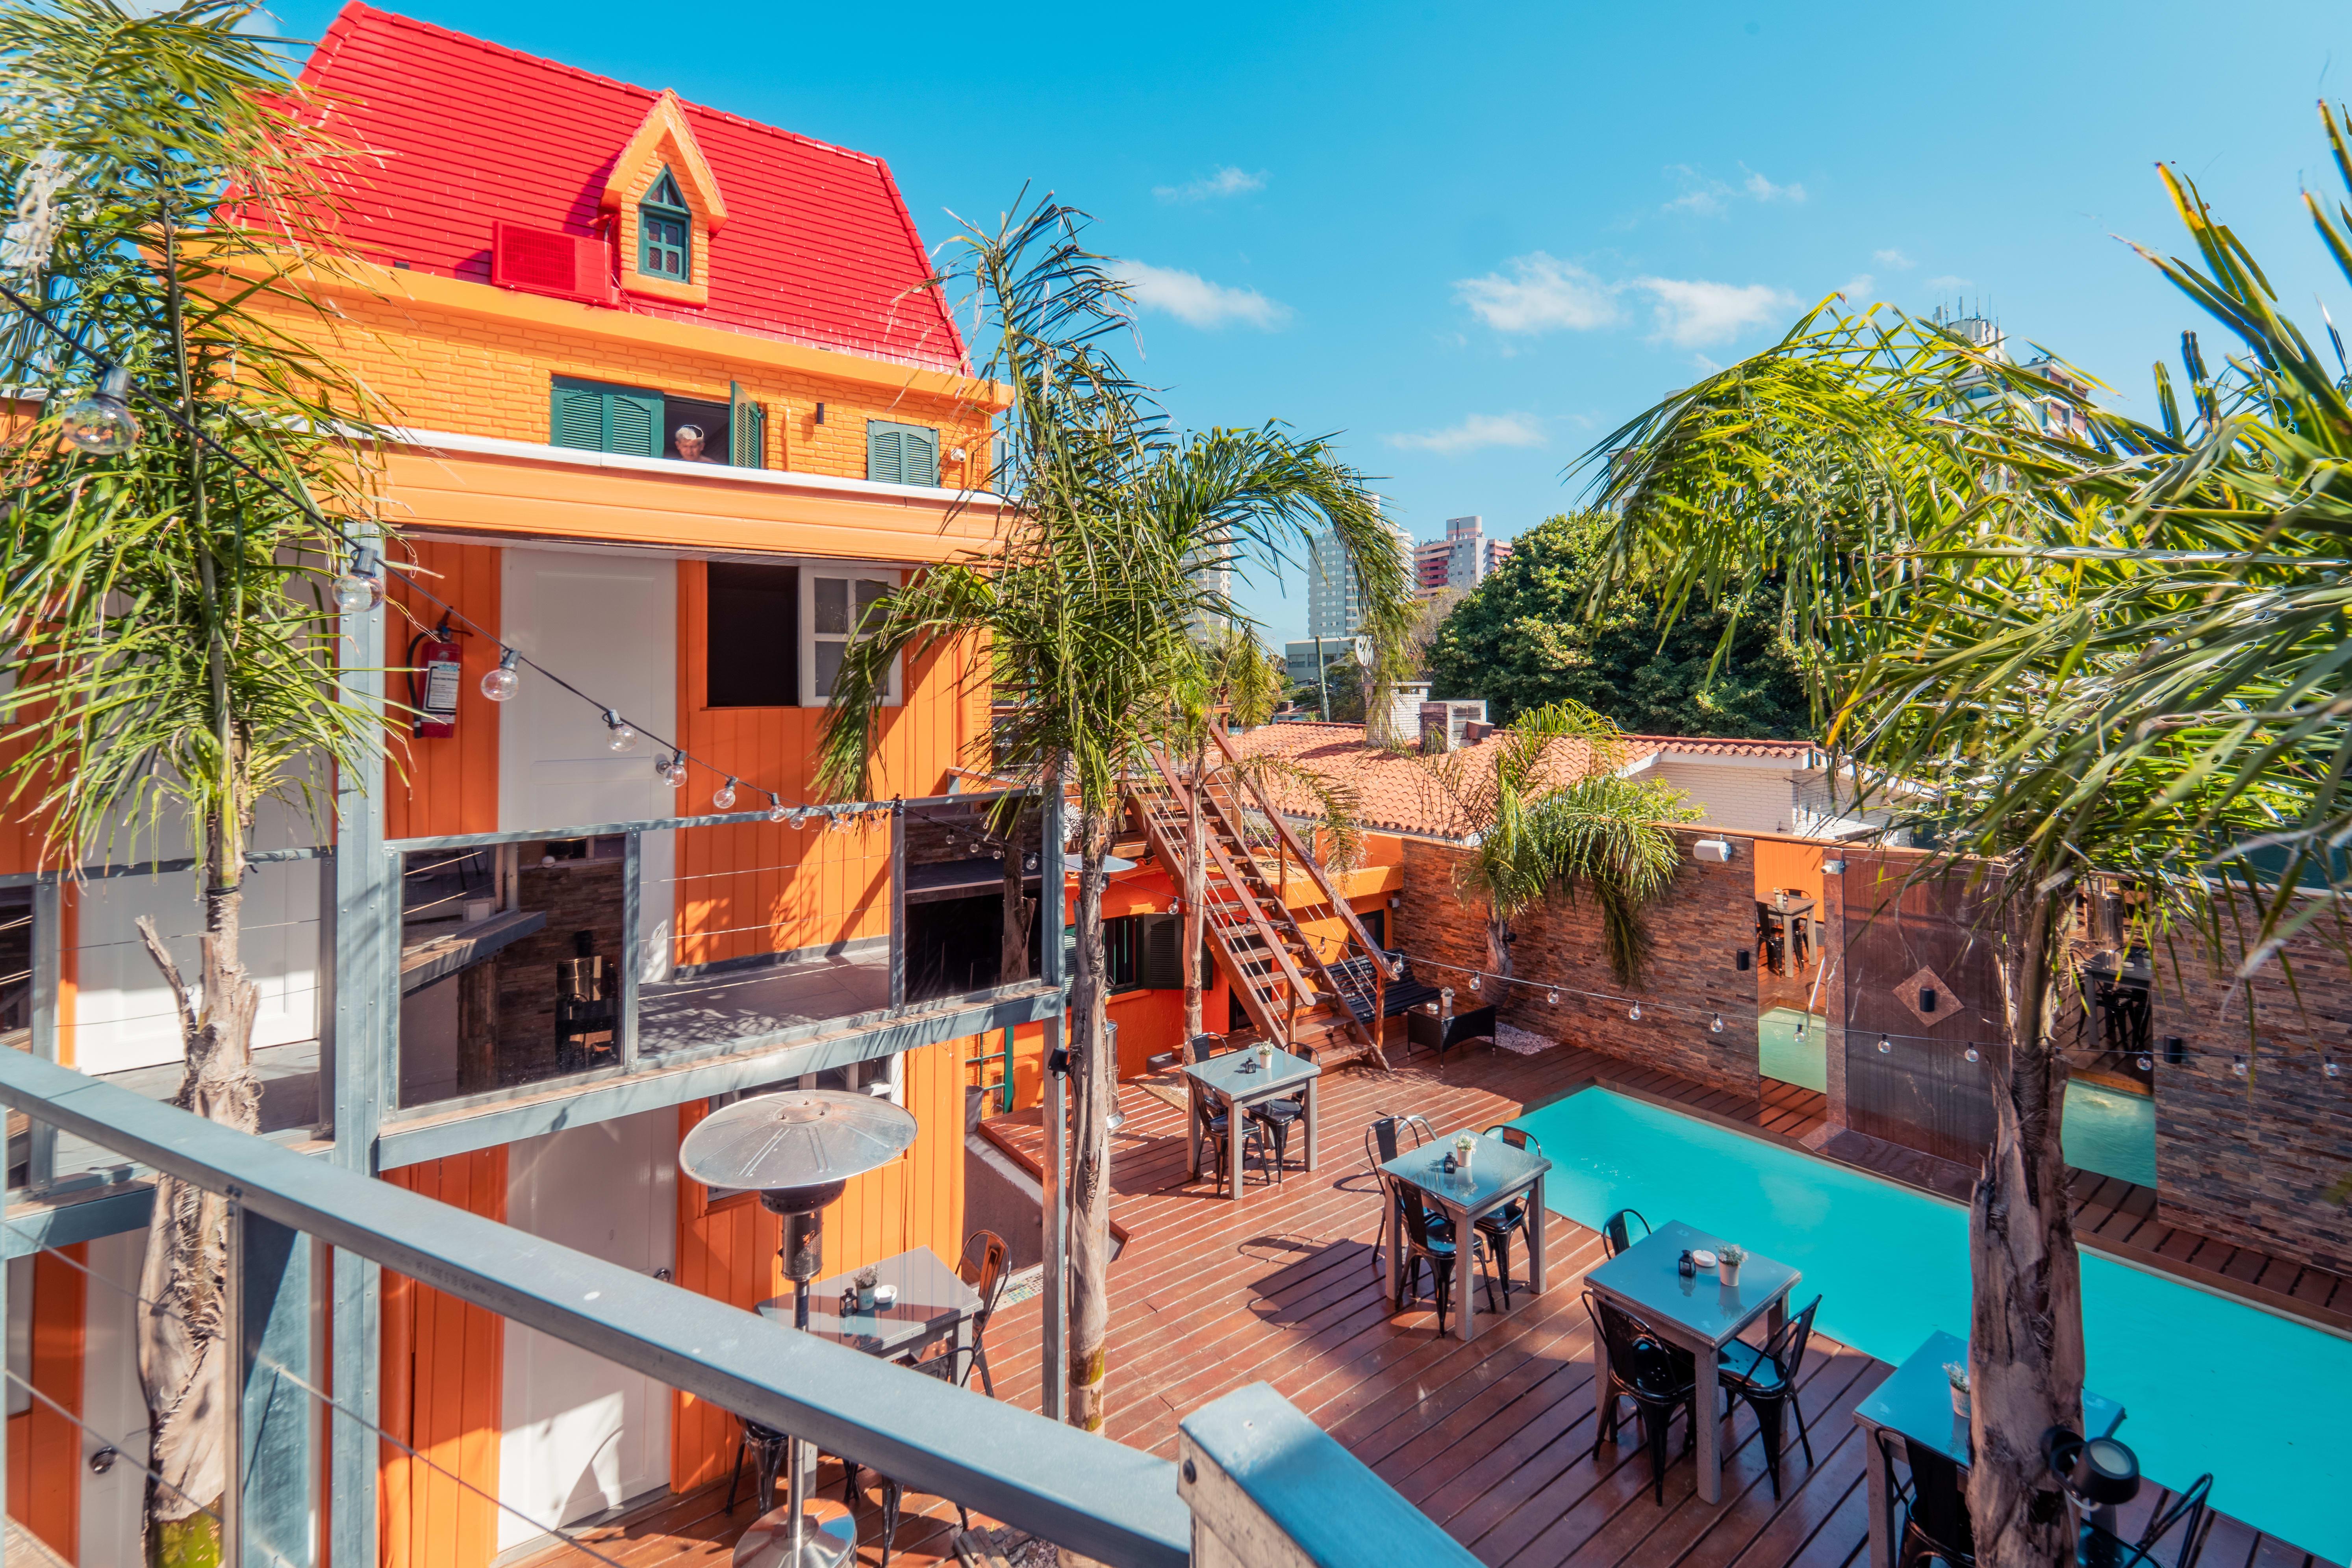 F&F Hostel